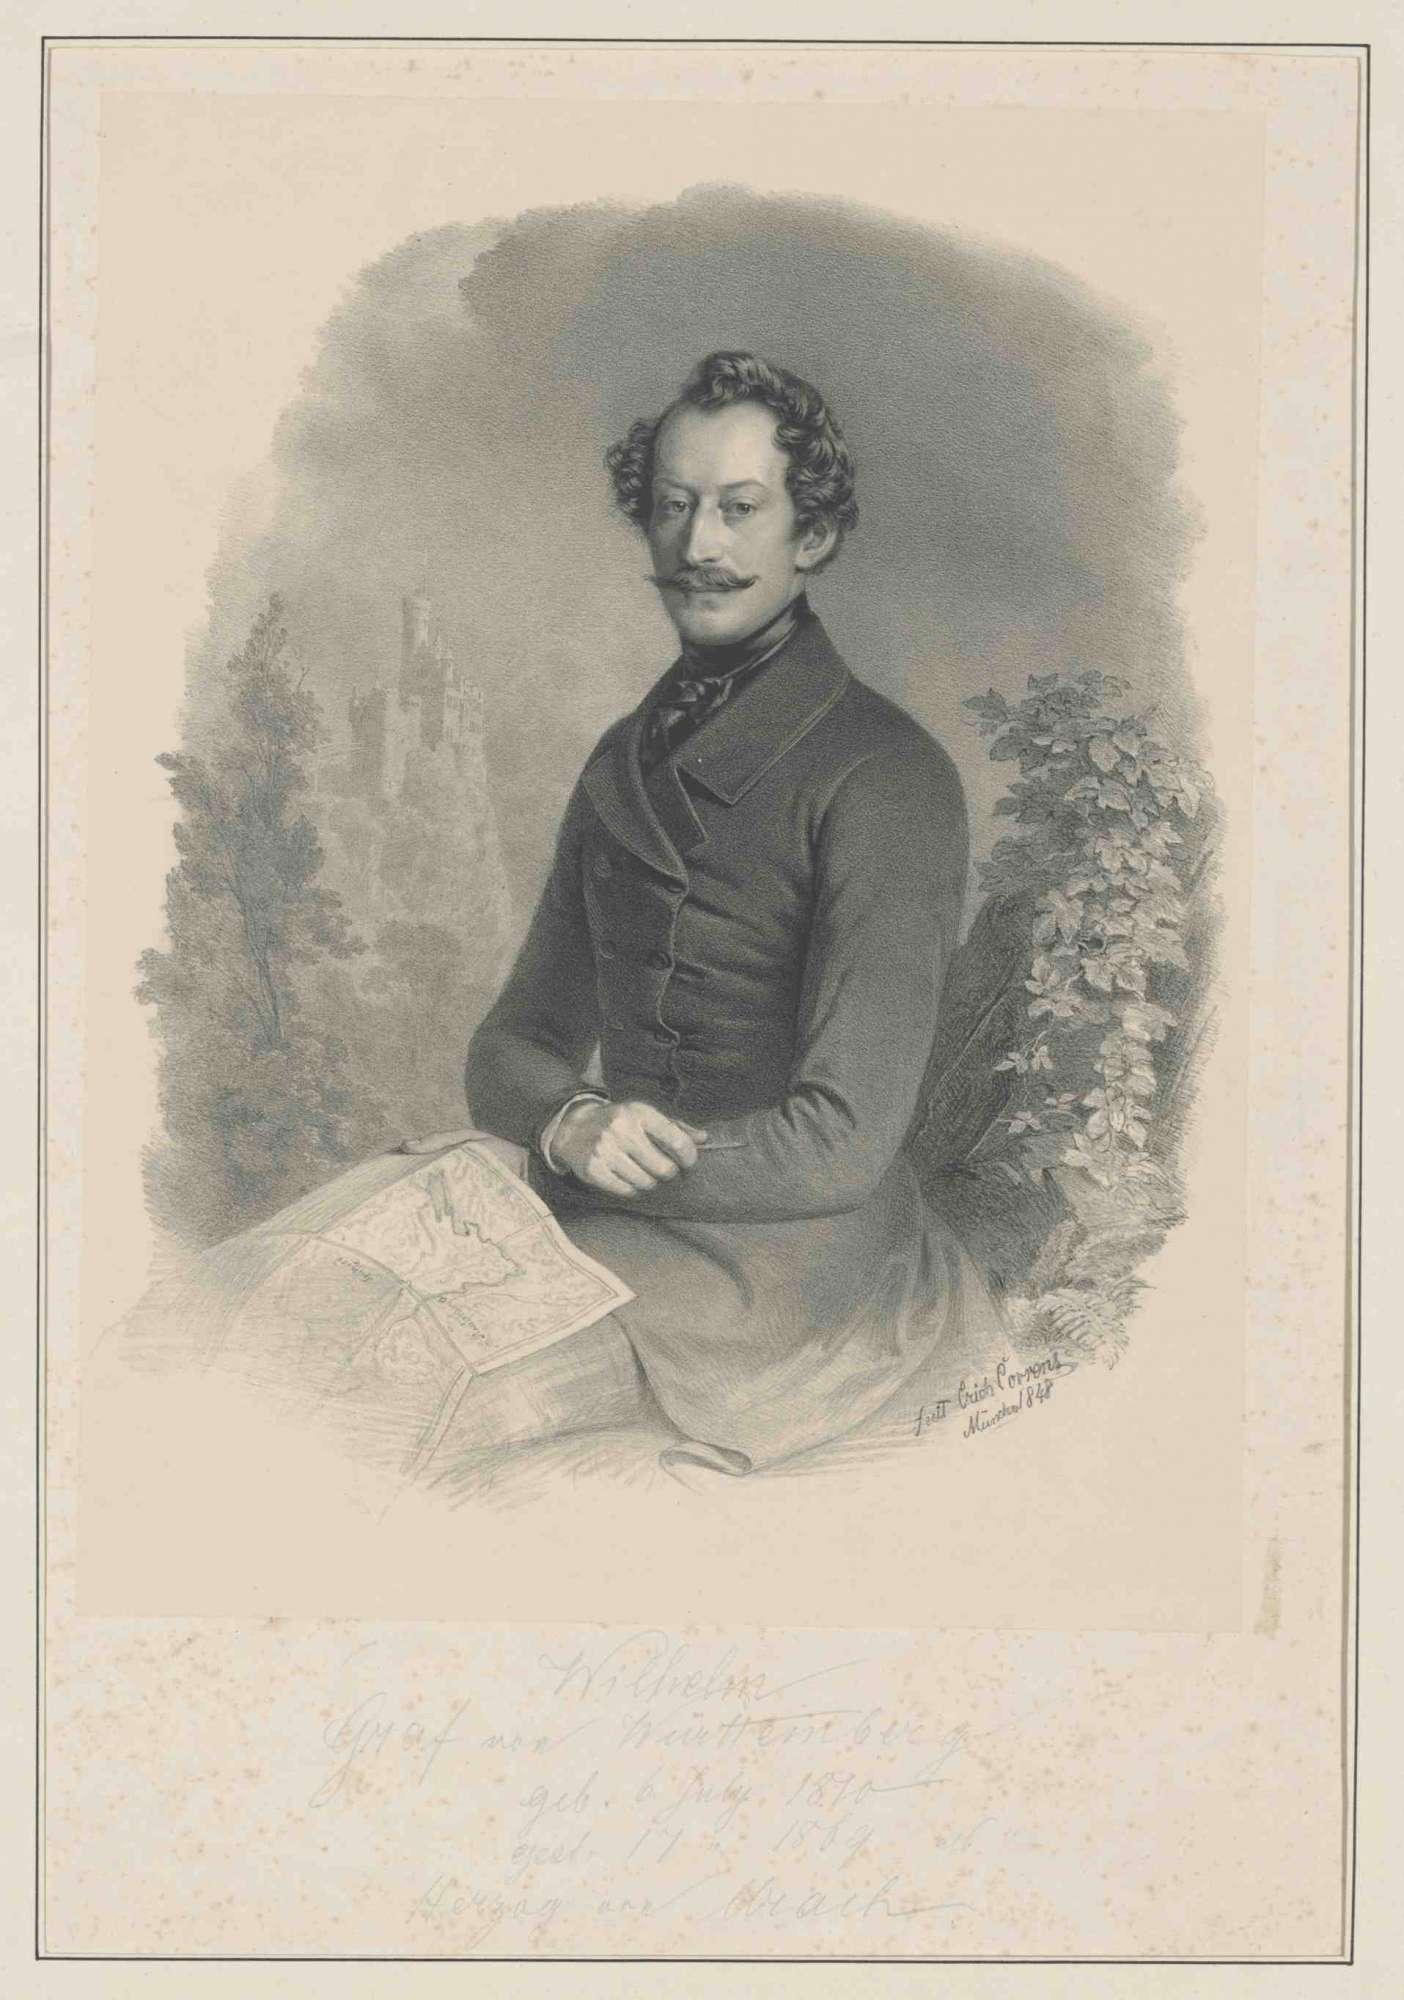 Herzog Wilhelm (I.) von Urach, Graf von Württemberg (1810- 1869) mit Landkarte in Landschaft sitzend, im Hintergrund Schloß Lichtenstein, Bild 1